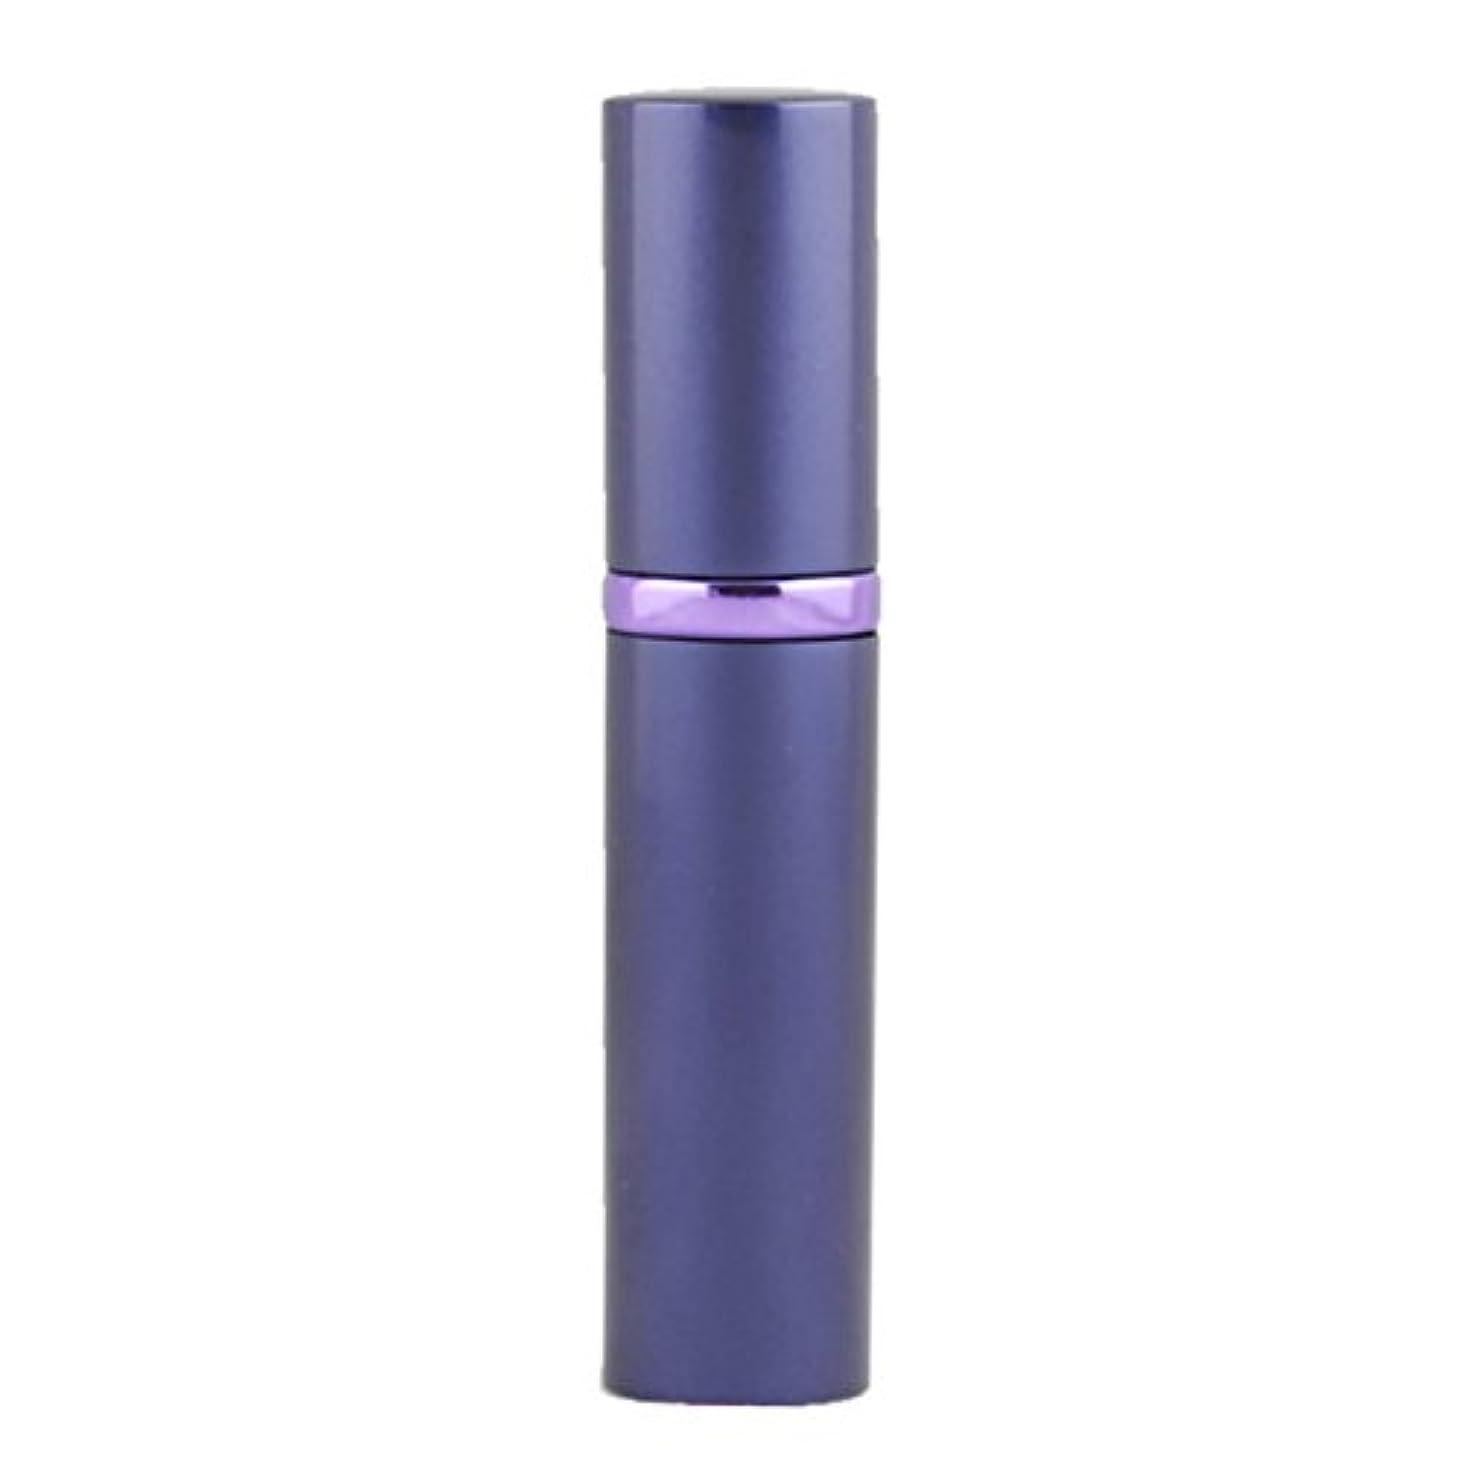 救援誤忙しいアトマイザ- 詰め替え AsaNana ポータブル クイック 香水噴霧器 携帯用 詰め替え容器 香水用 ワンタッチ補充 香水スプレー パフューム Quick Atomizer プシュ式 (パープル Purple)